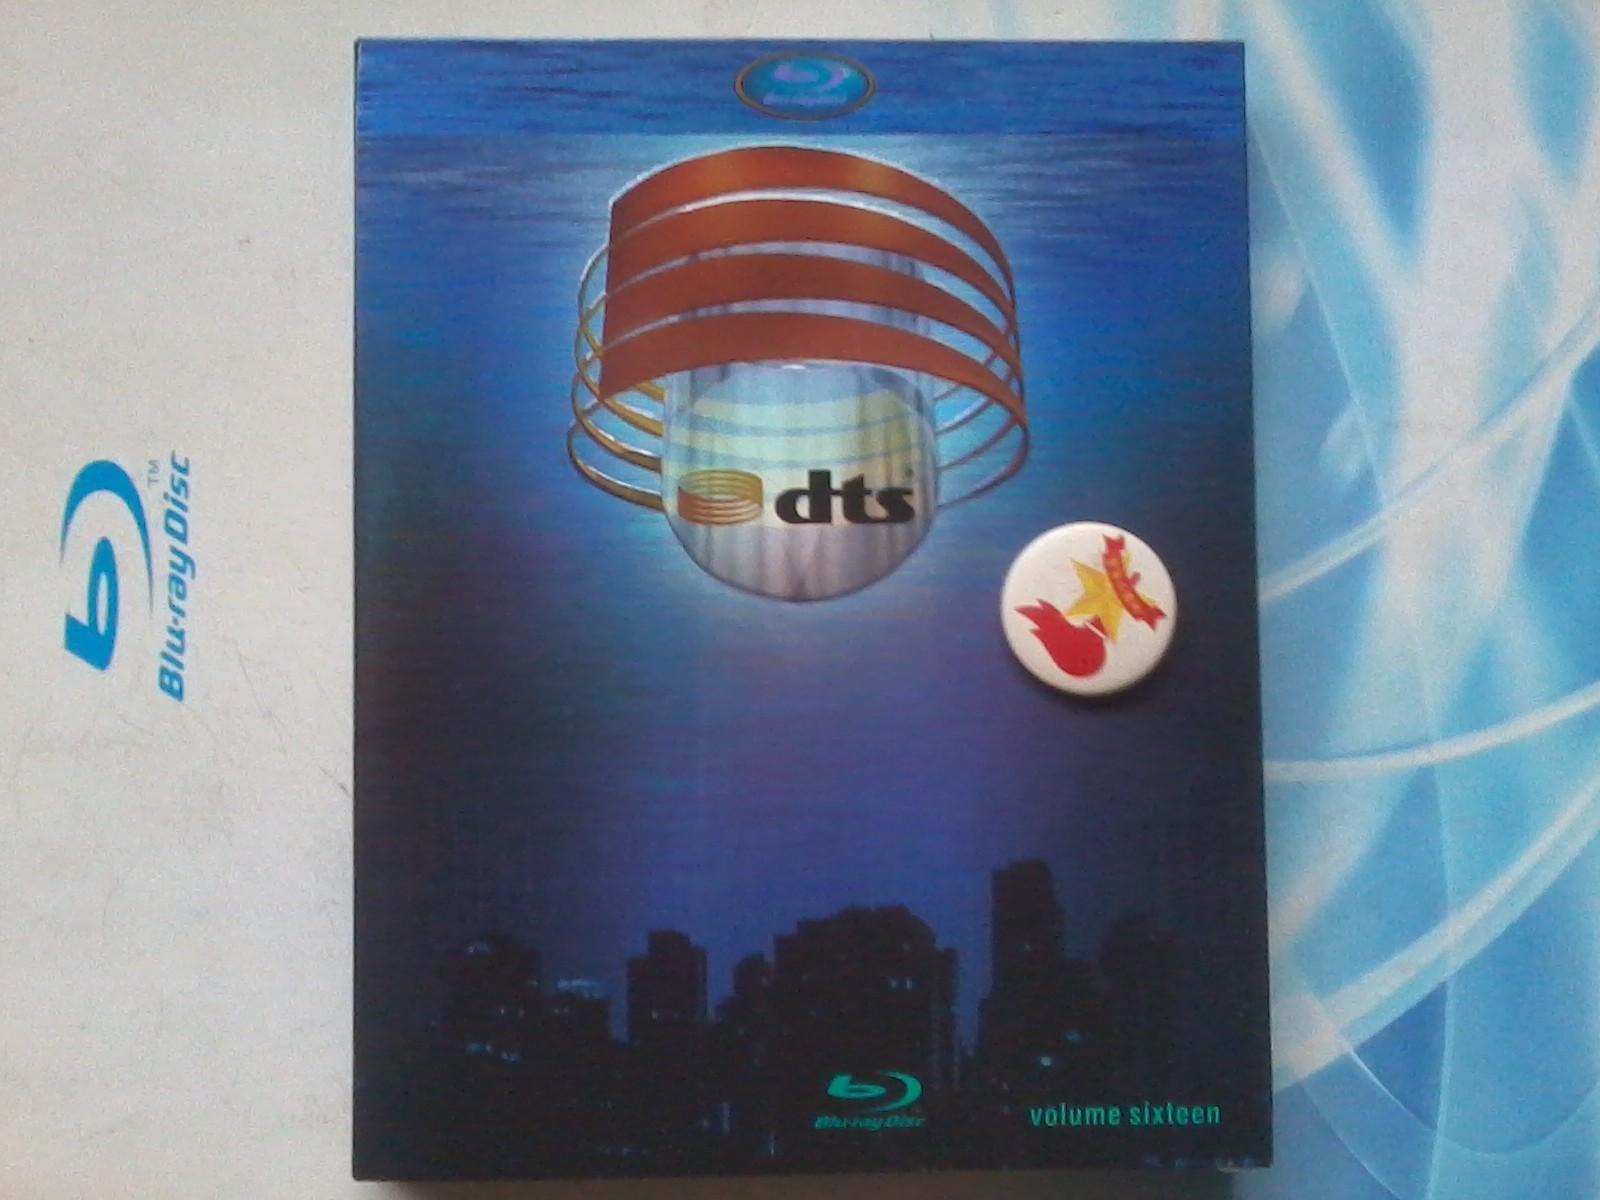 DTS影音系统测试 2D+3D BD25 家庭影院发烧必备试机 一张绝顶音响测试碟,让你无法呼吸的精彩3D效果 103-064